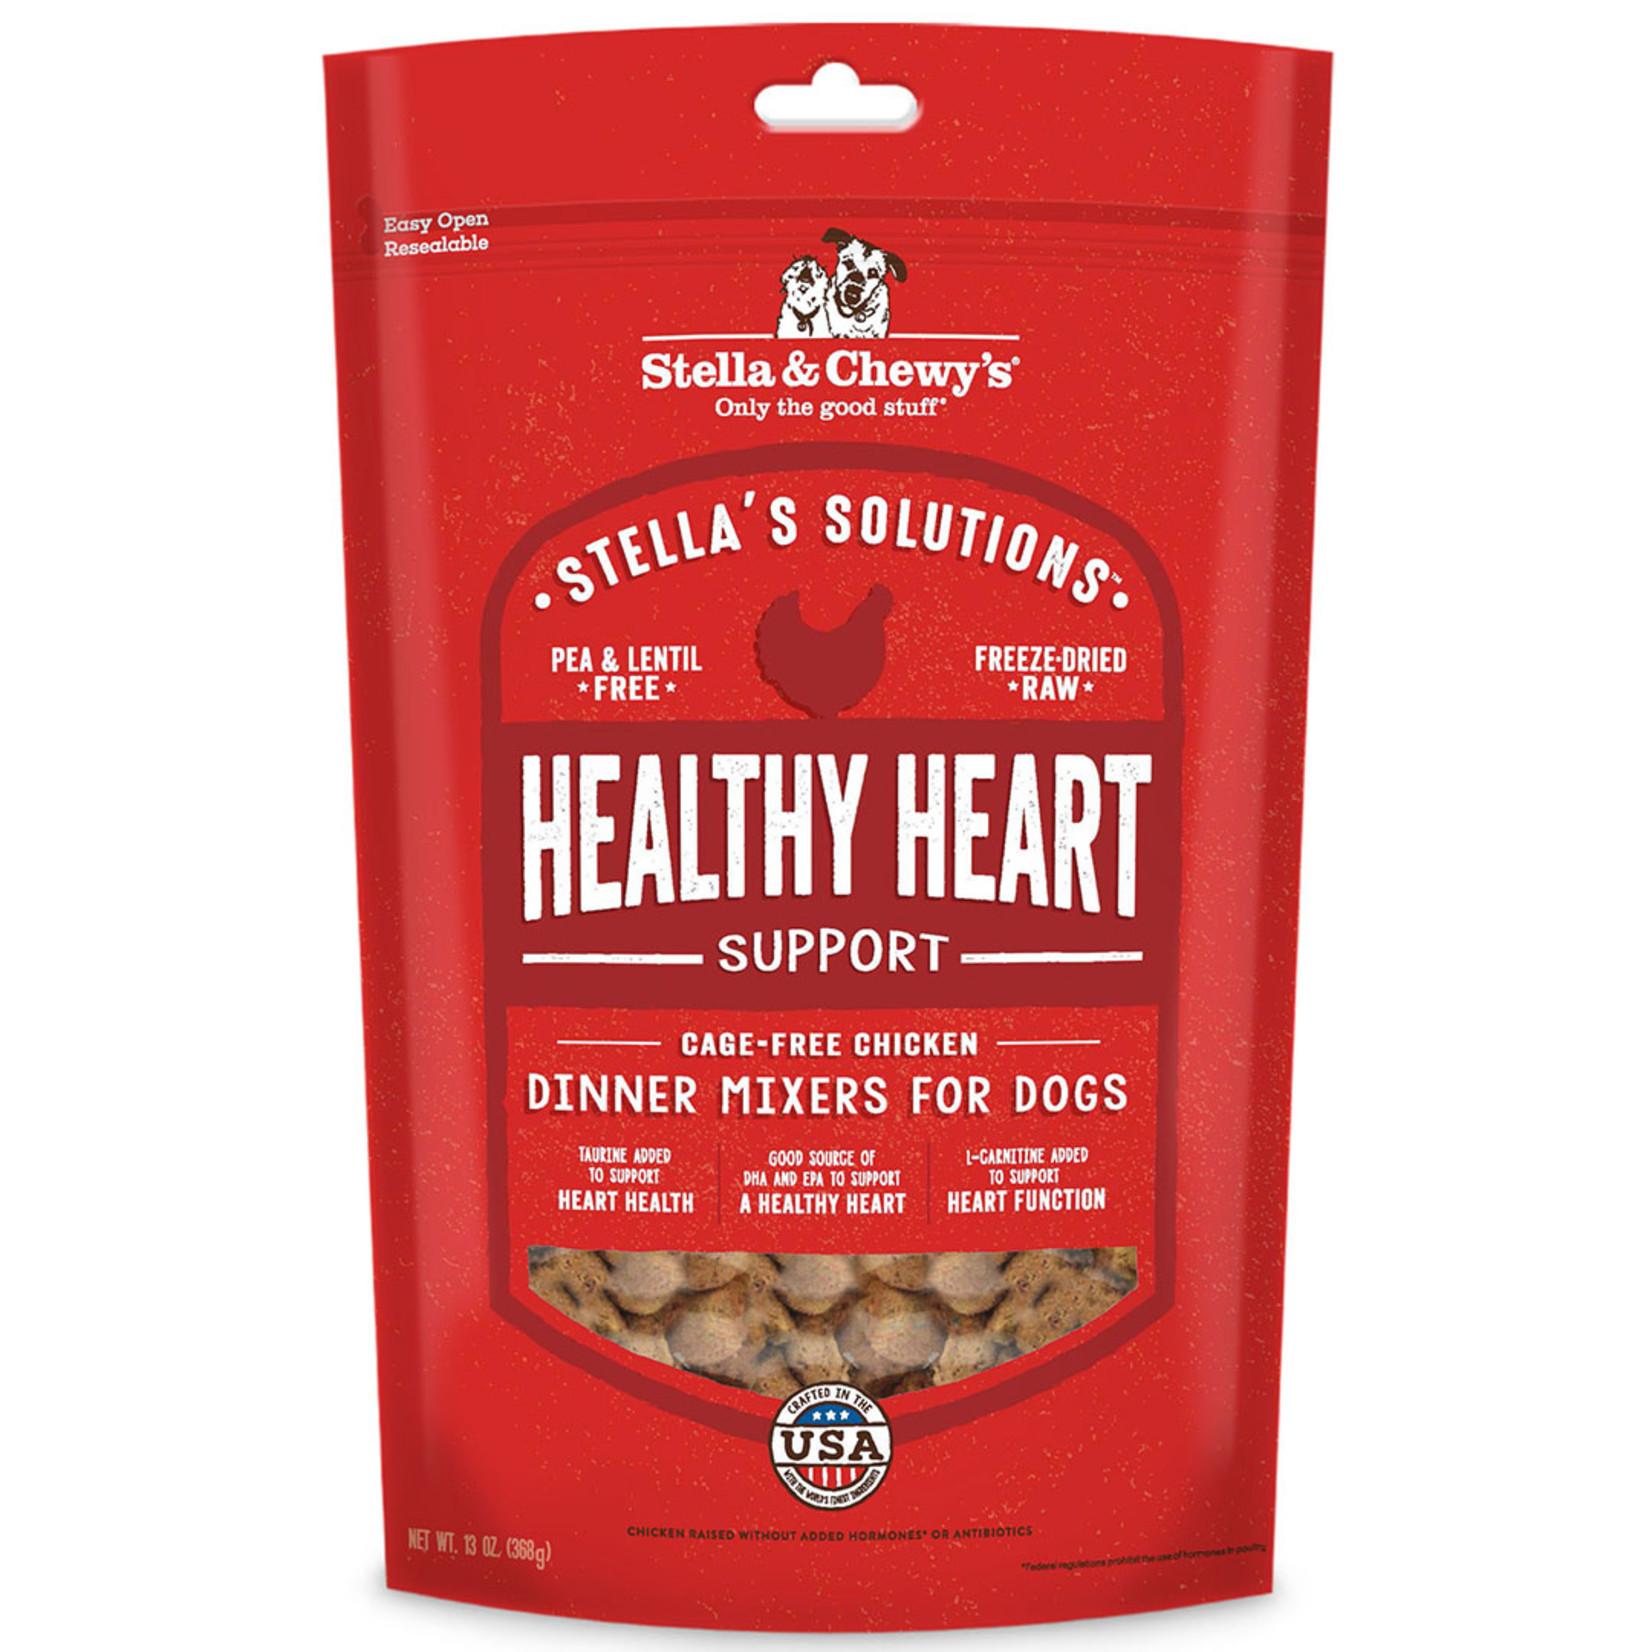 Stella & Chewys Stella Freeze-Dried Dog Healthy Heart Support Chicken Dinner Mixers 13 OZ